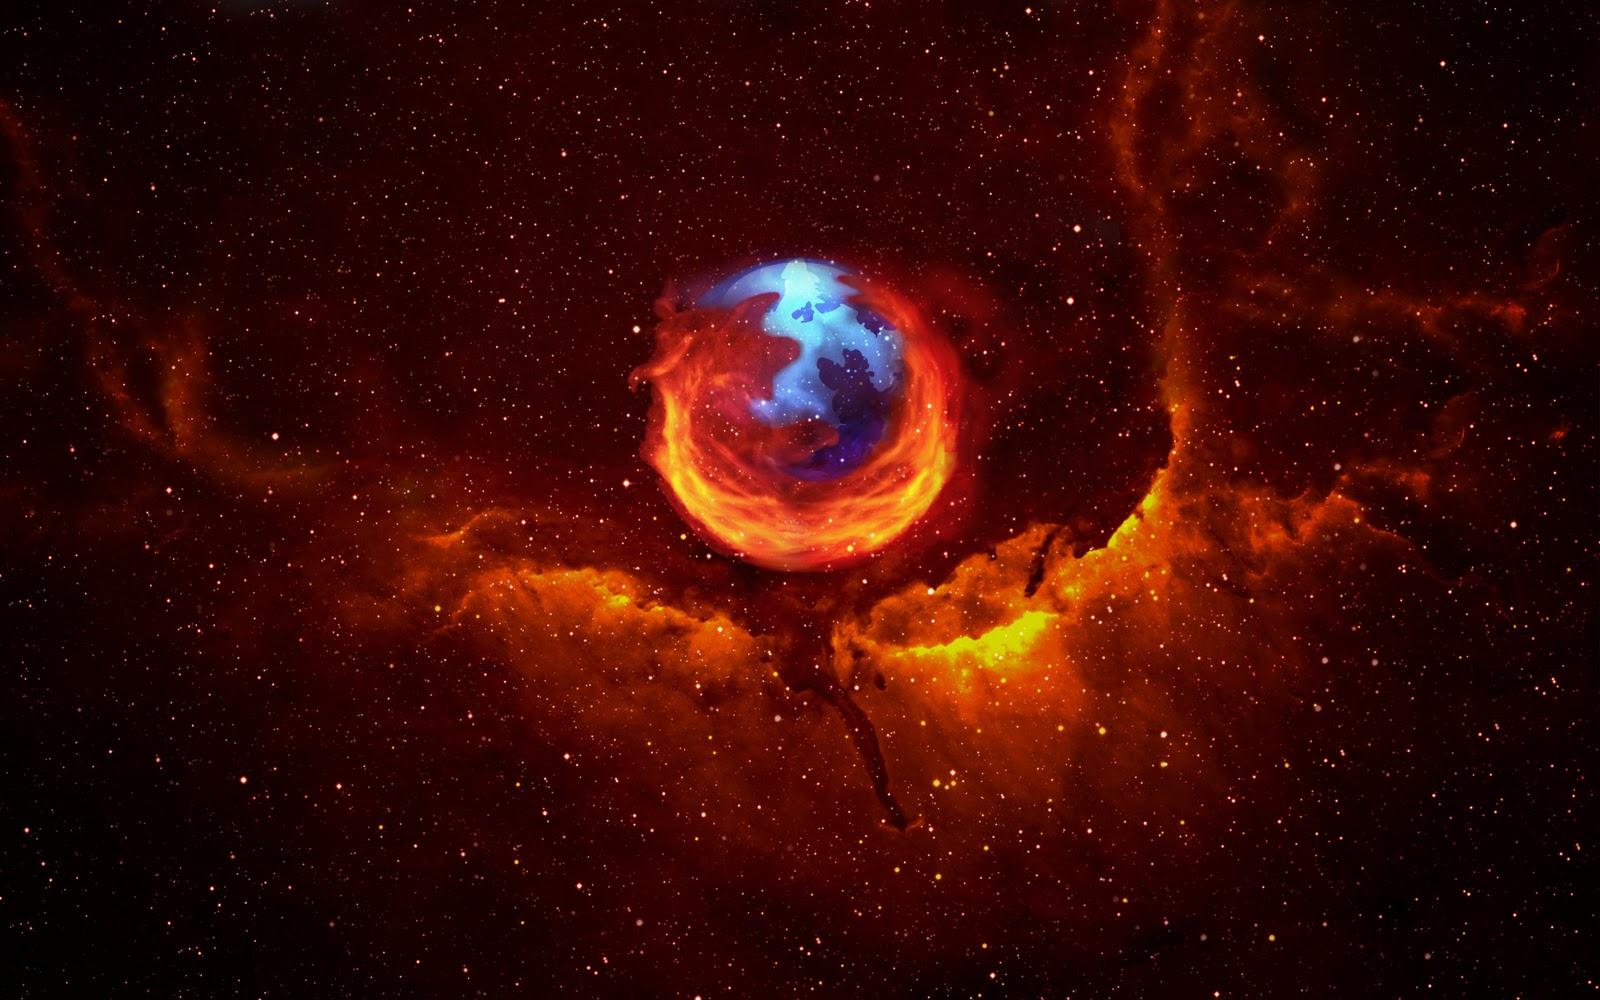 http://3.bp.blogspot.com/_y6yK26kDFLg/TNlugpWlKRI/AAAAAAAAA4k/Ffv12KG8ntU/s1600/Firefox+ciel+etoile.jpg